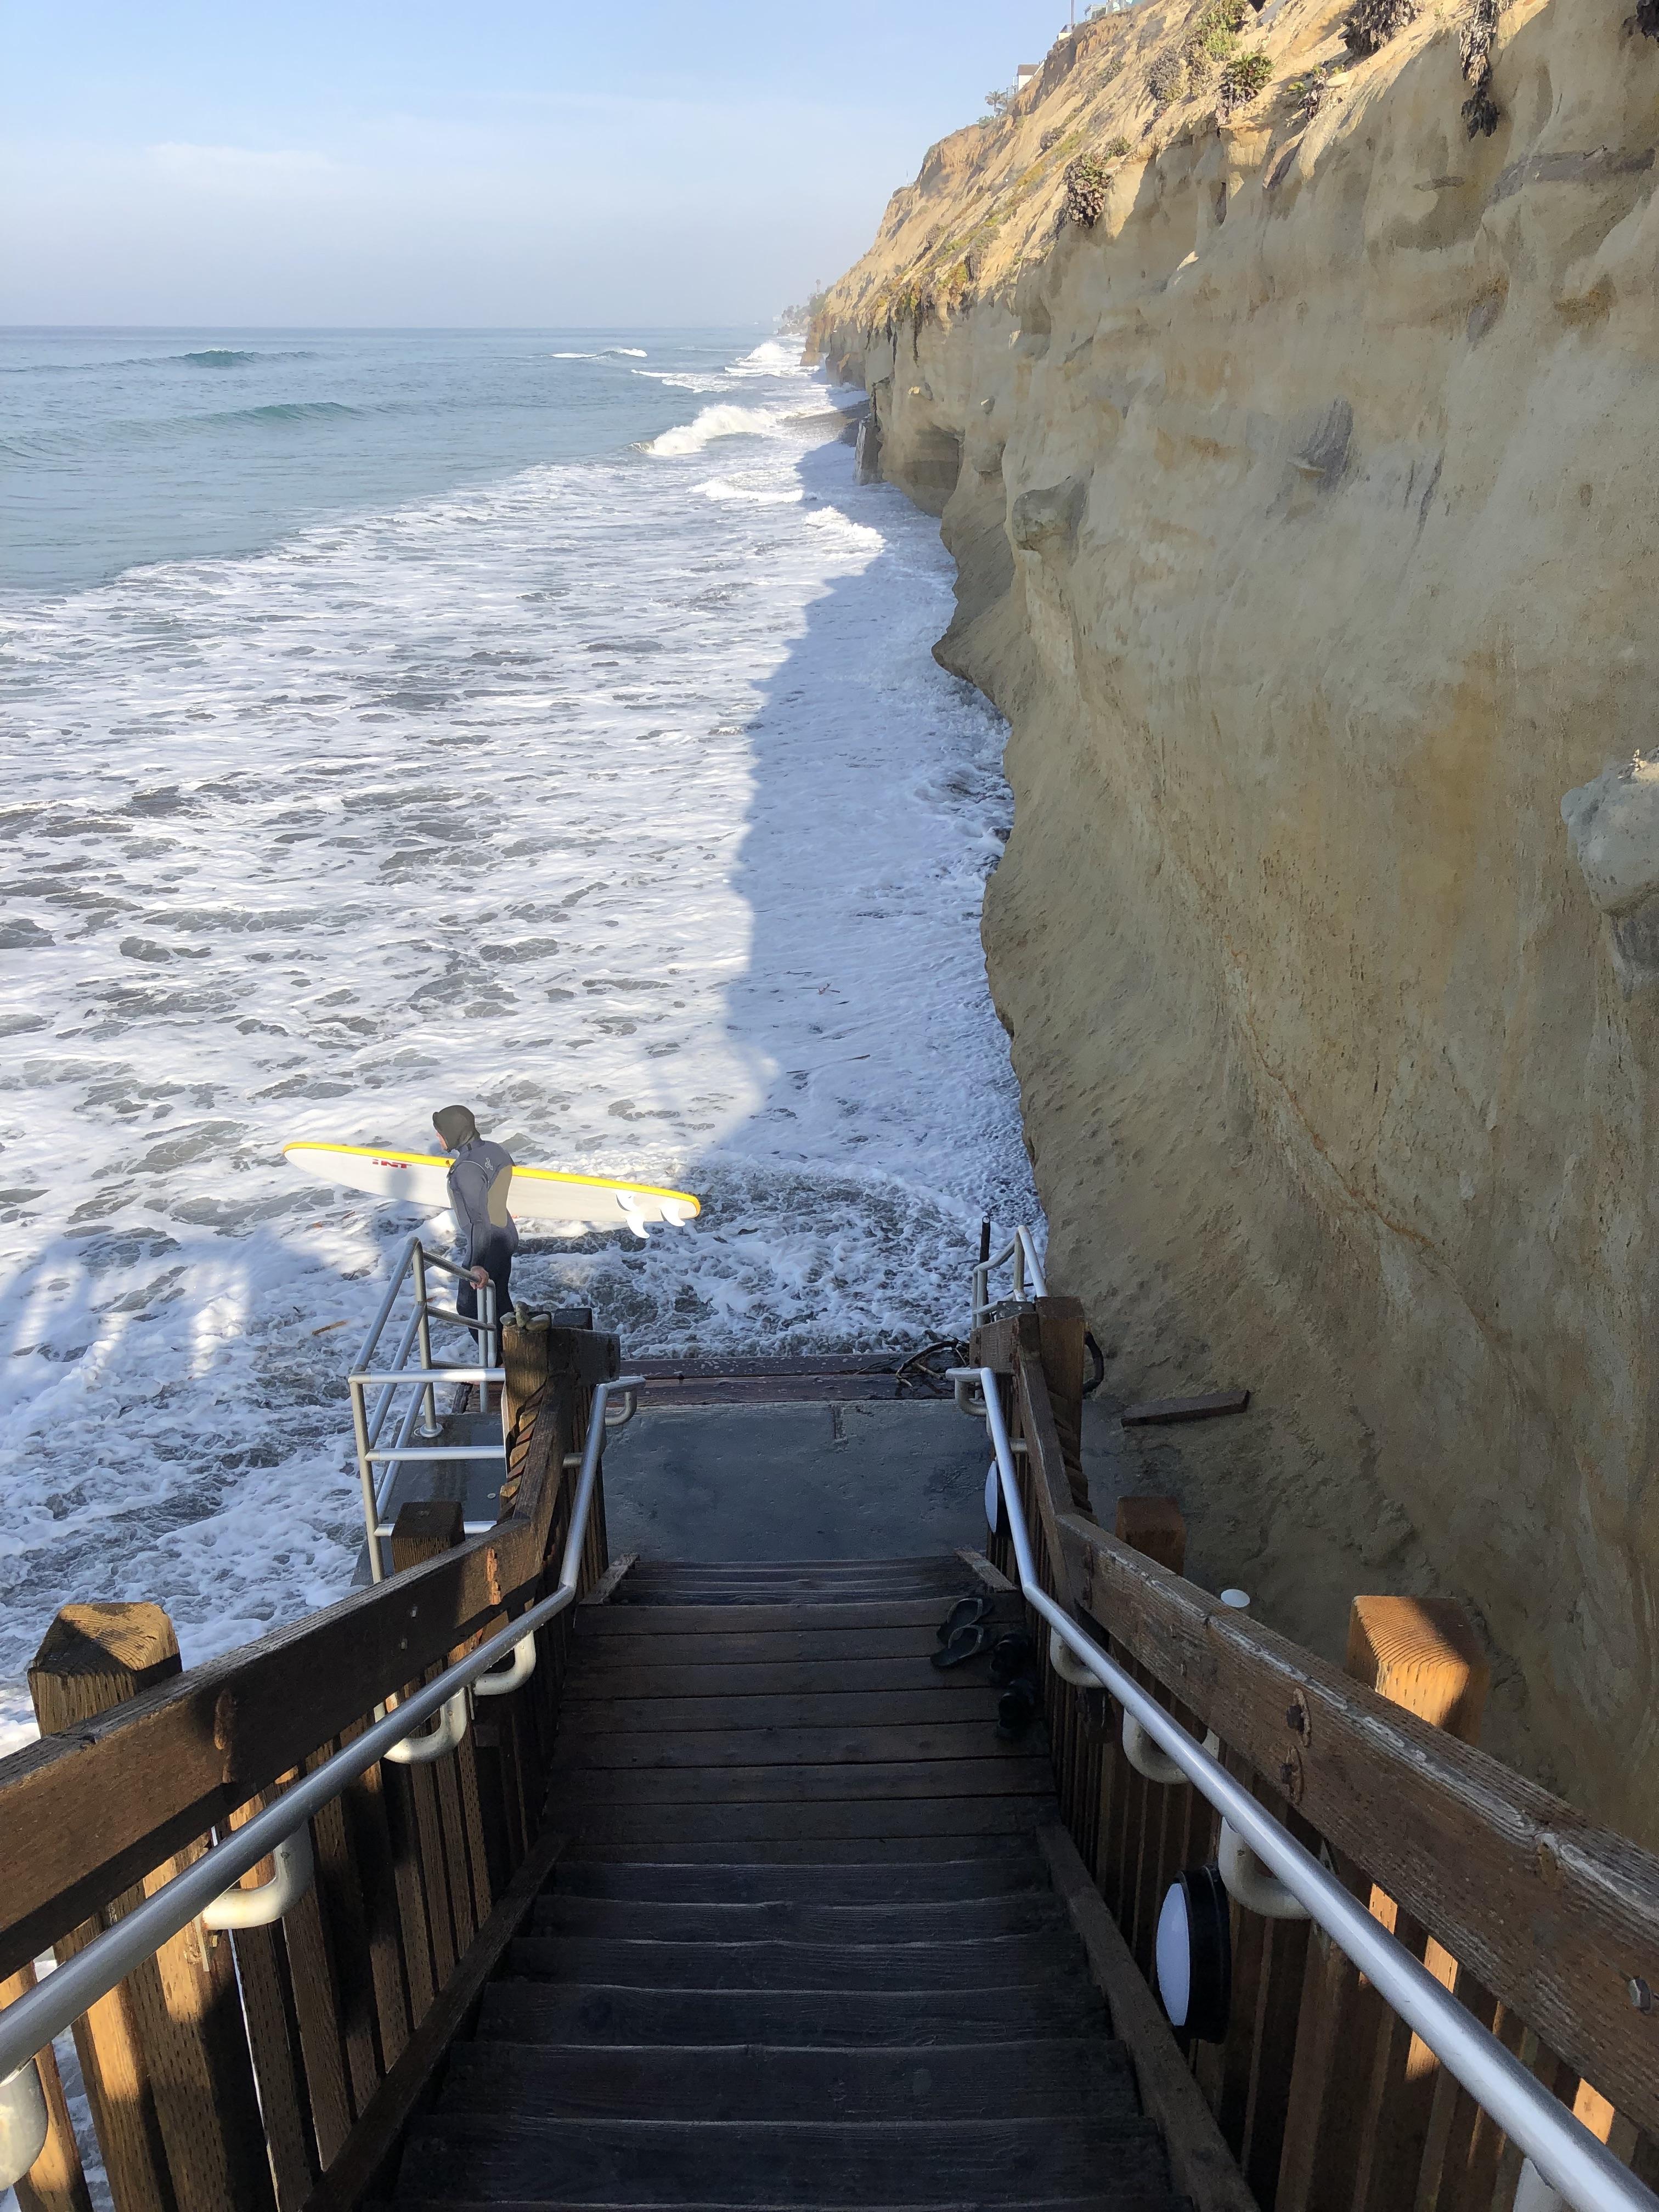 Acceso costero perdido por marea alta y oleaje. Encinitas 23/12/18 (Foto: Nick Sadrpour)